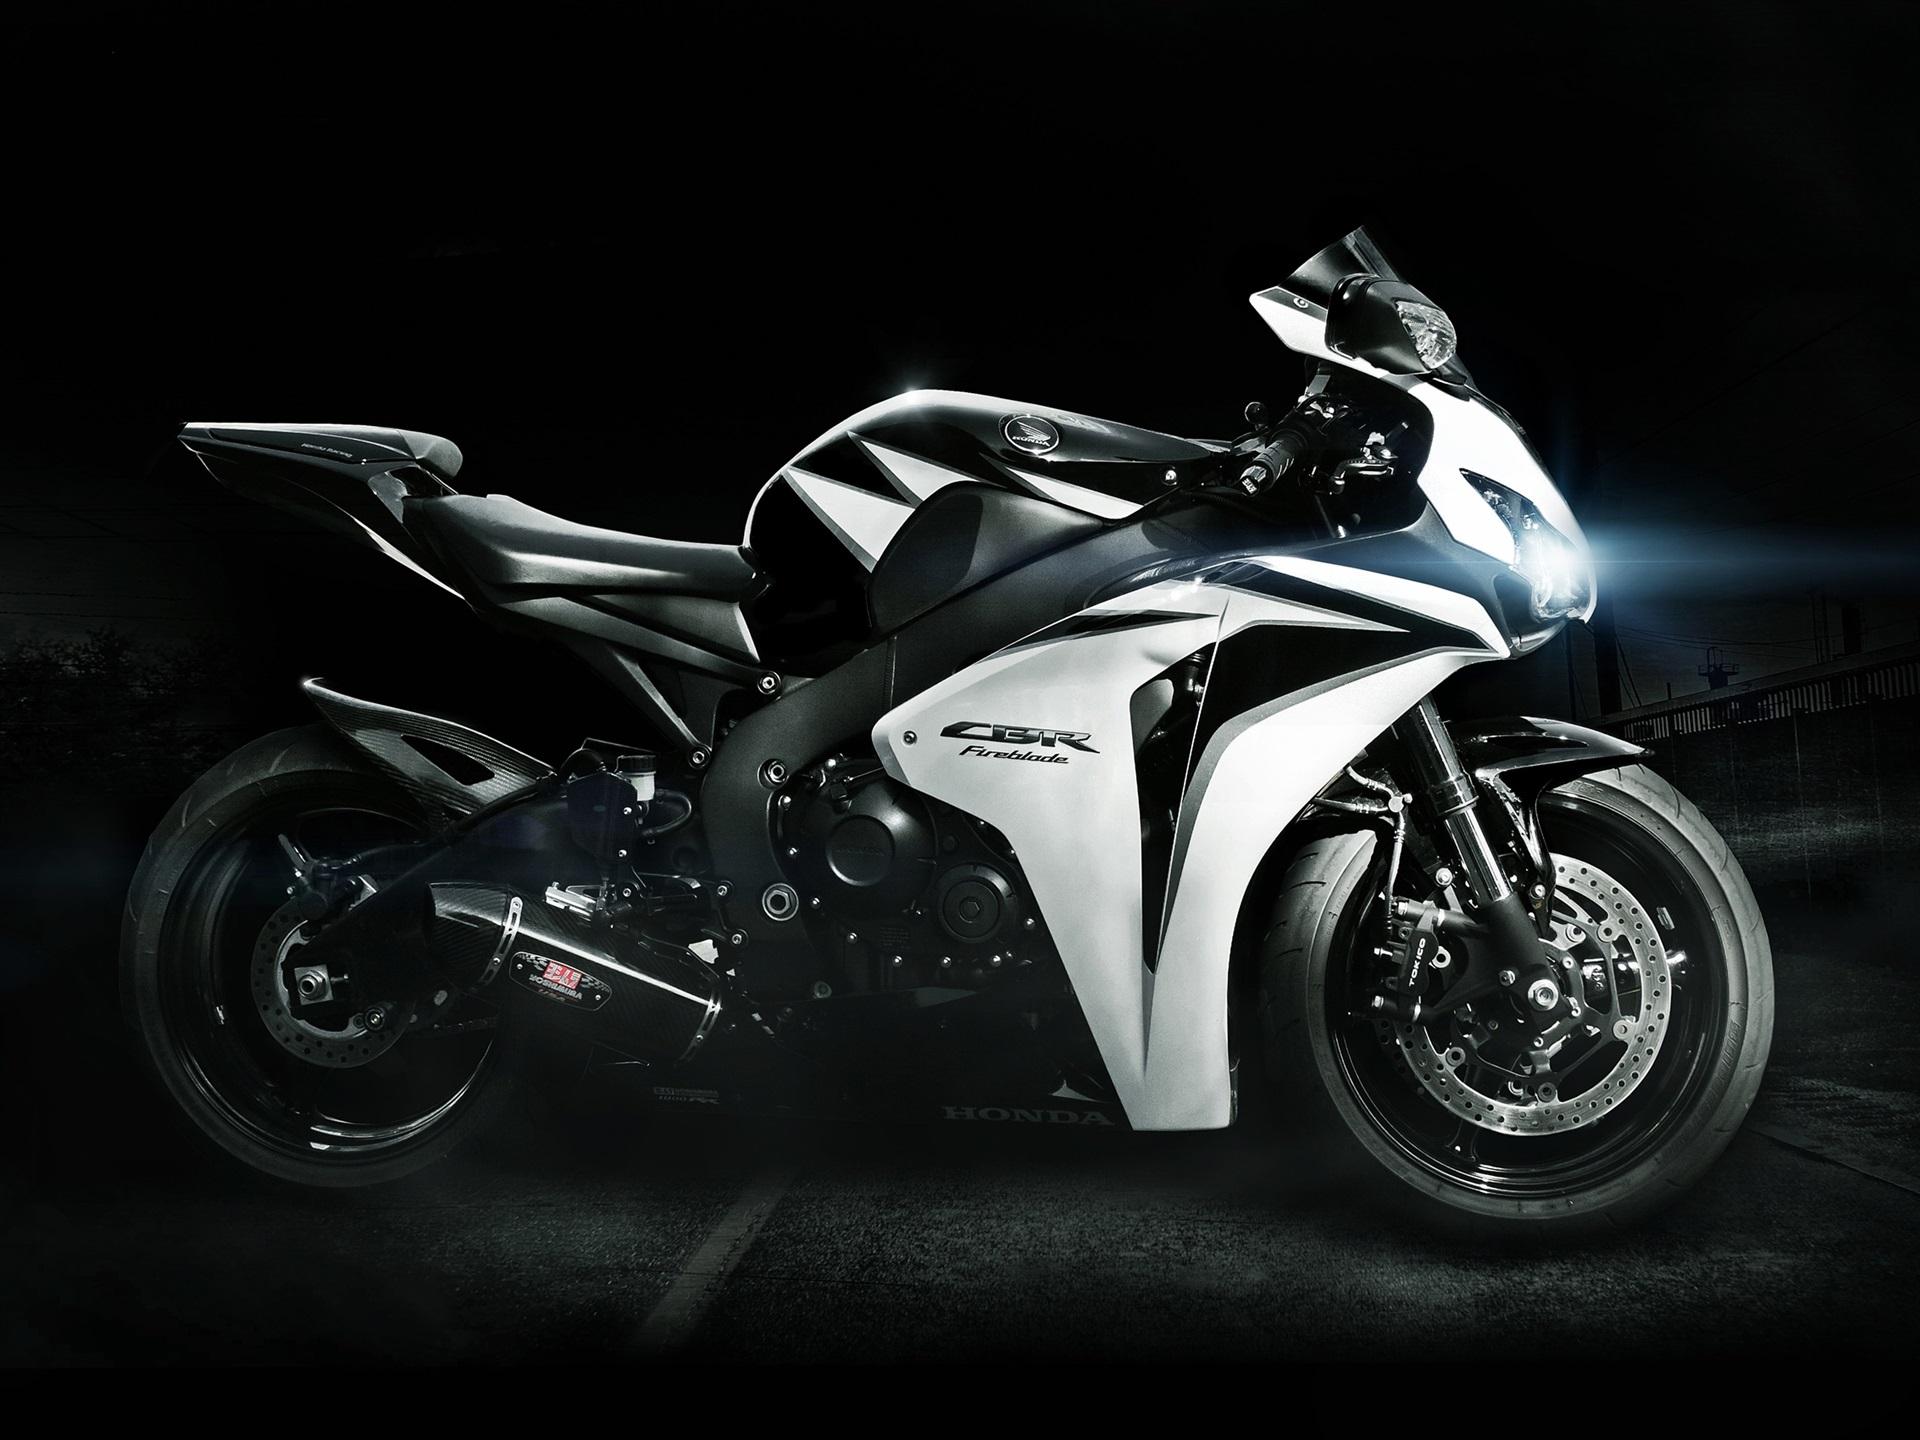 ホンダcbrのバイク 750x1334 Iphone 8 7 6 6s 壁紙 背景 画像